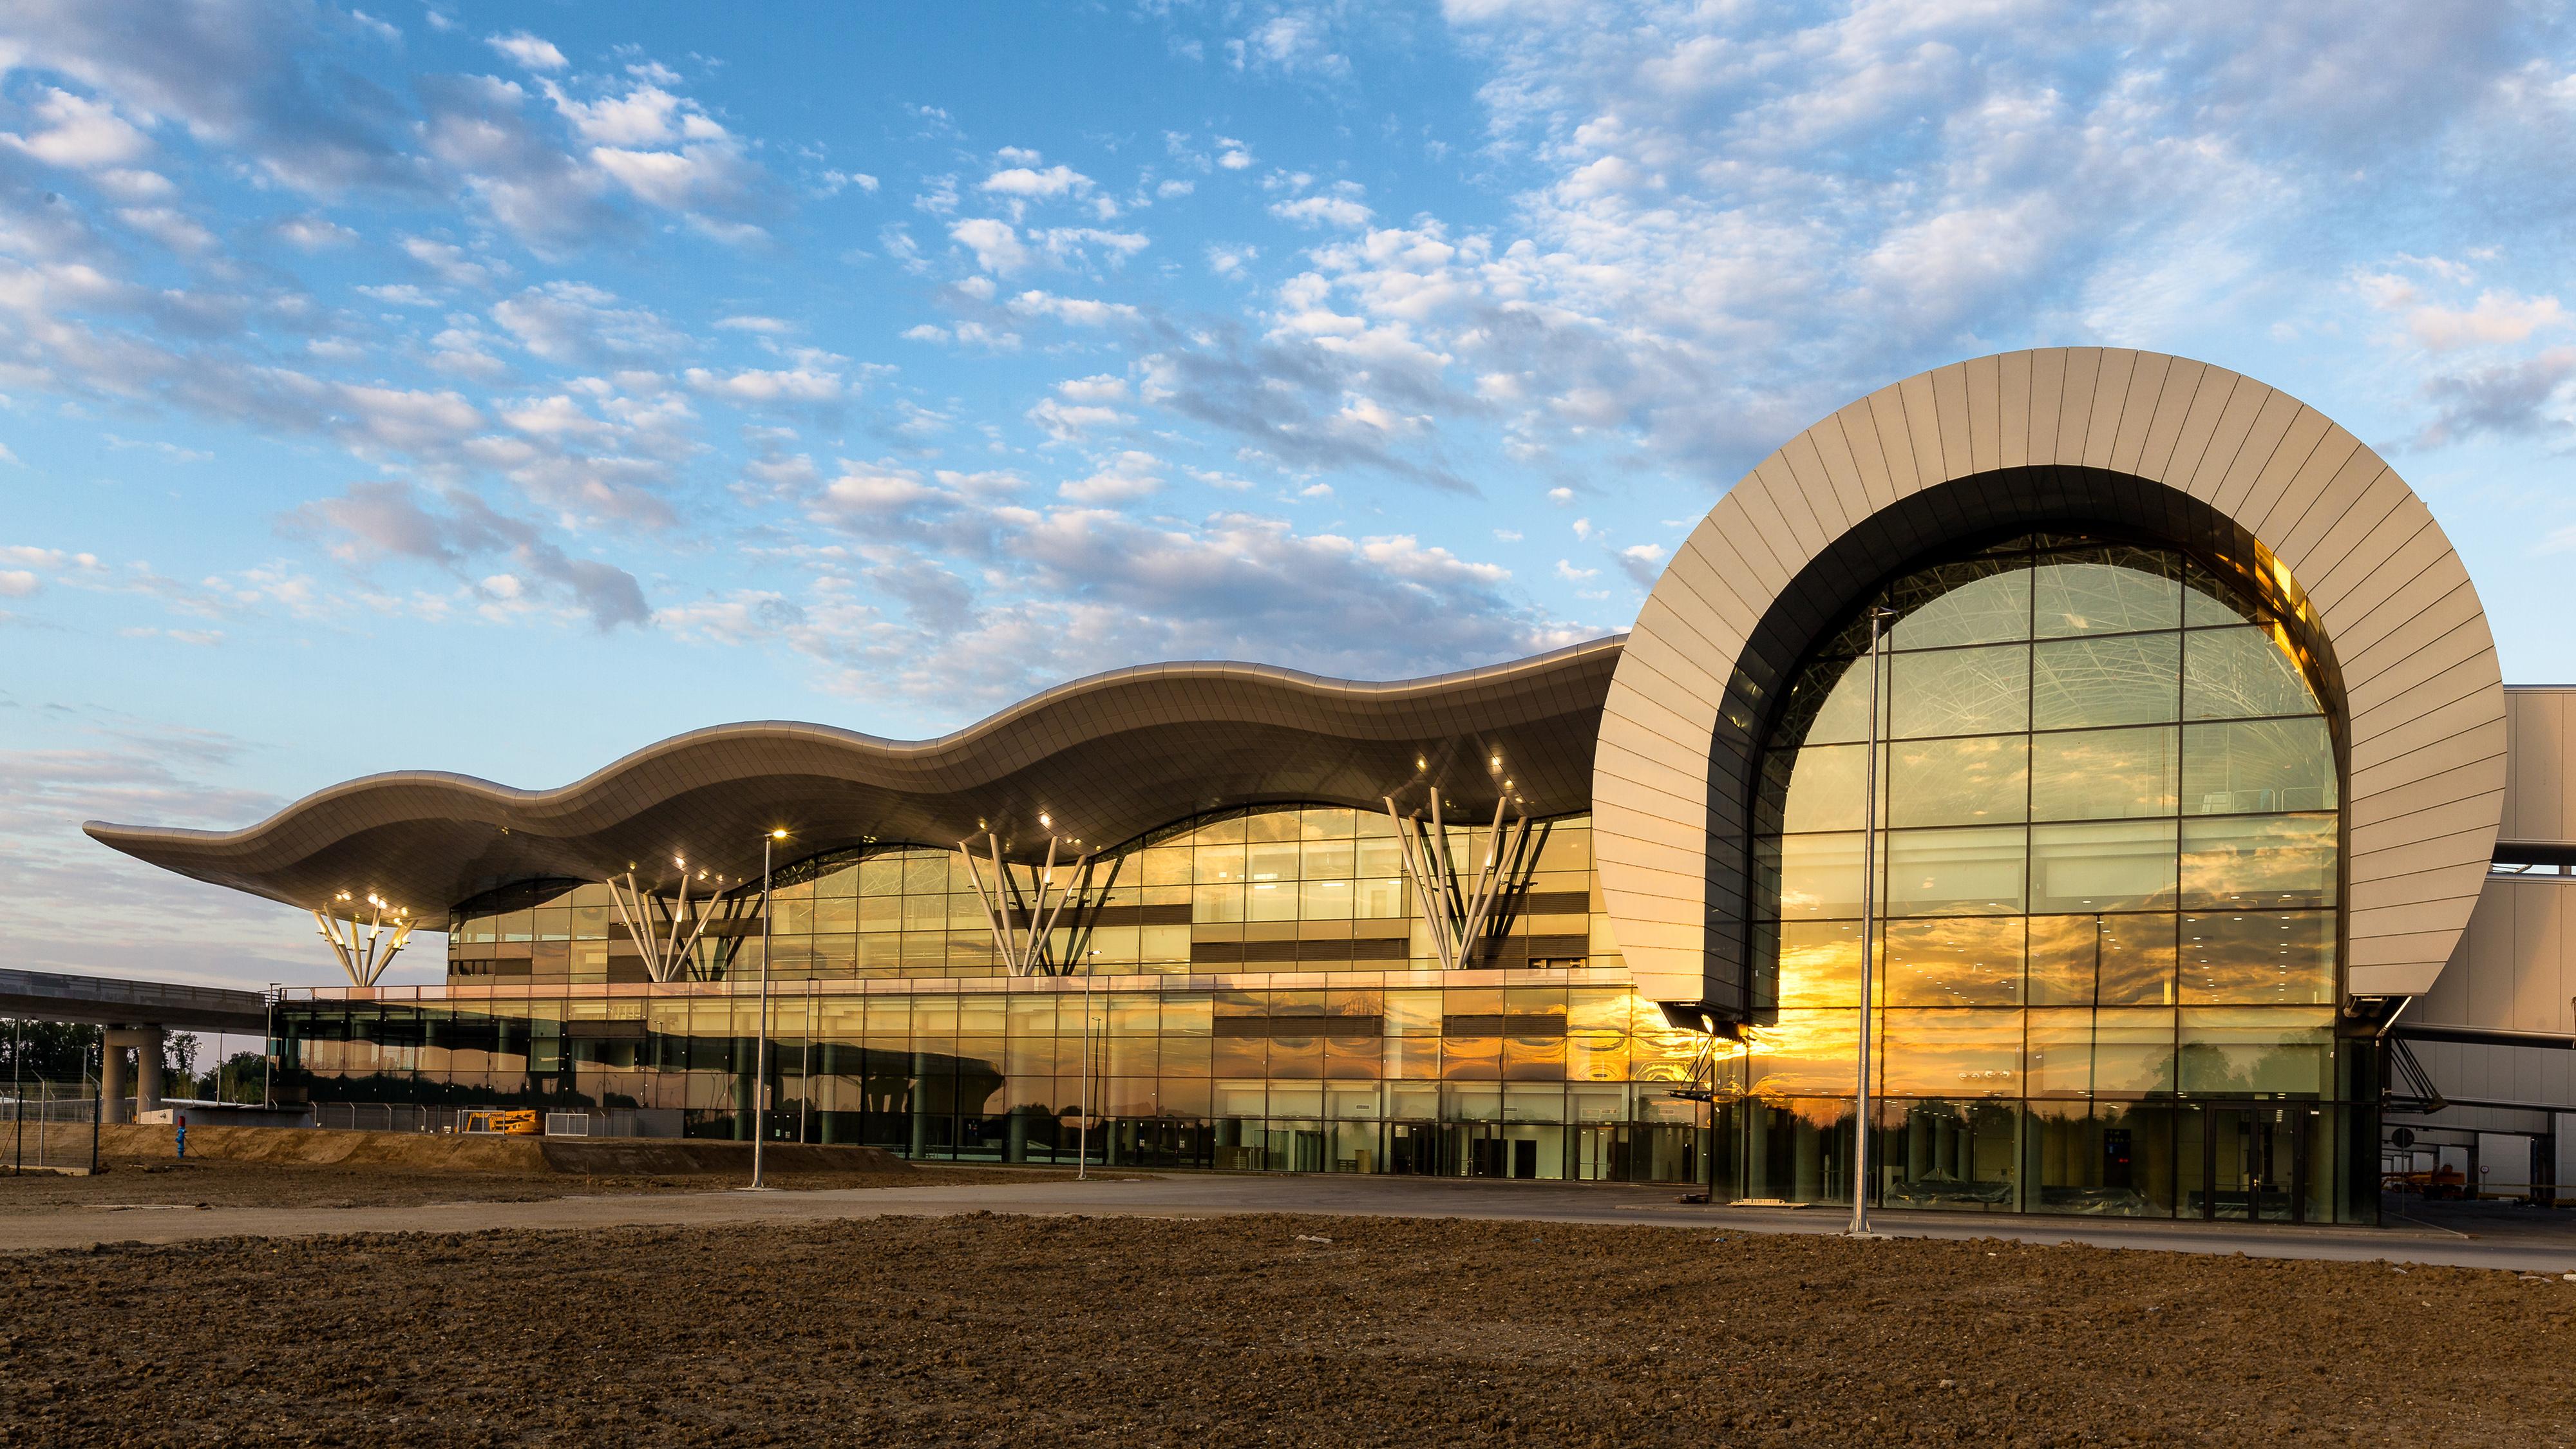 Projekt Novog Putničkog Terminala Zračne Luke Franjo Tuđman U širem Izboru Natjecanja WAN Transport Award 2017